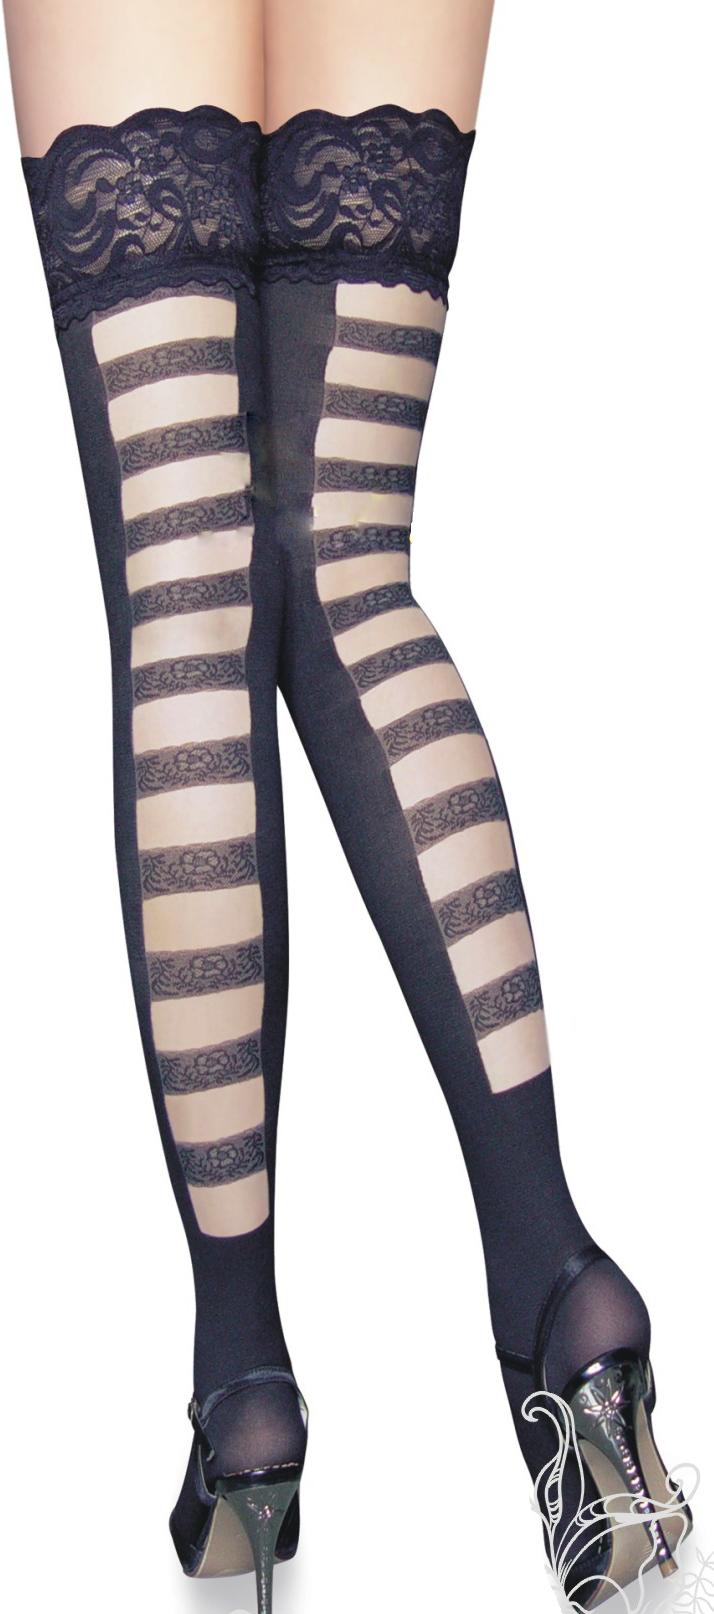 Black Thigh High, silicone lace top Thigh High, Thigh High, #HG5875